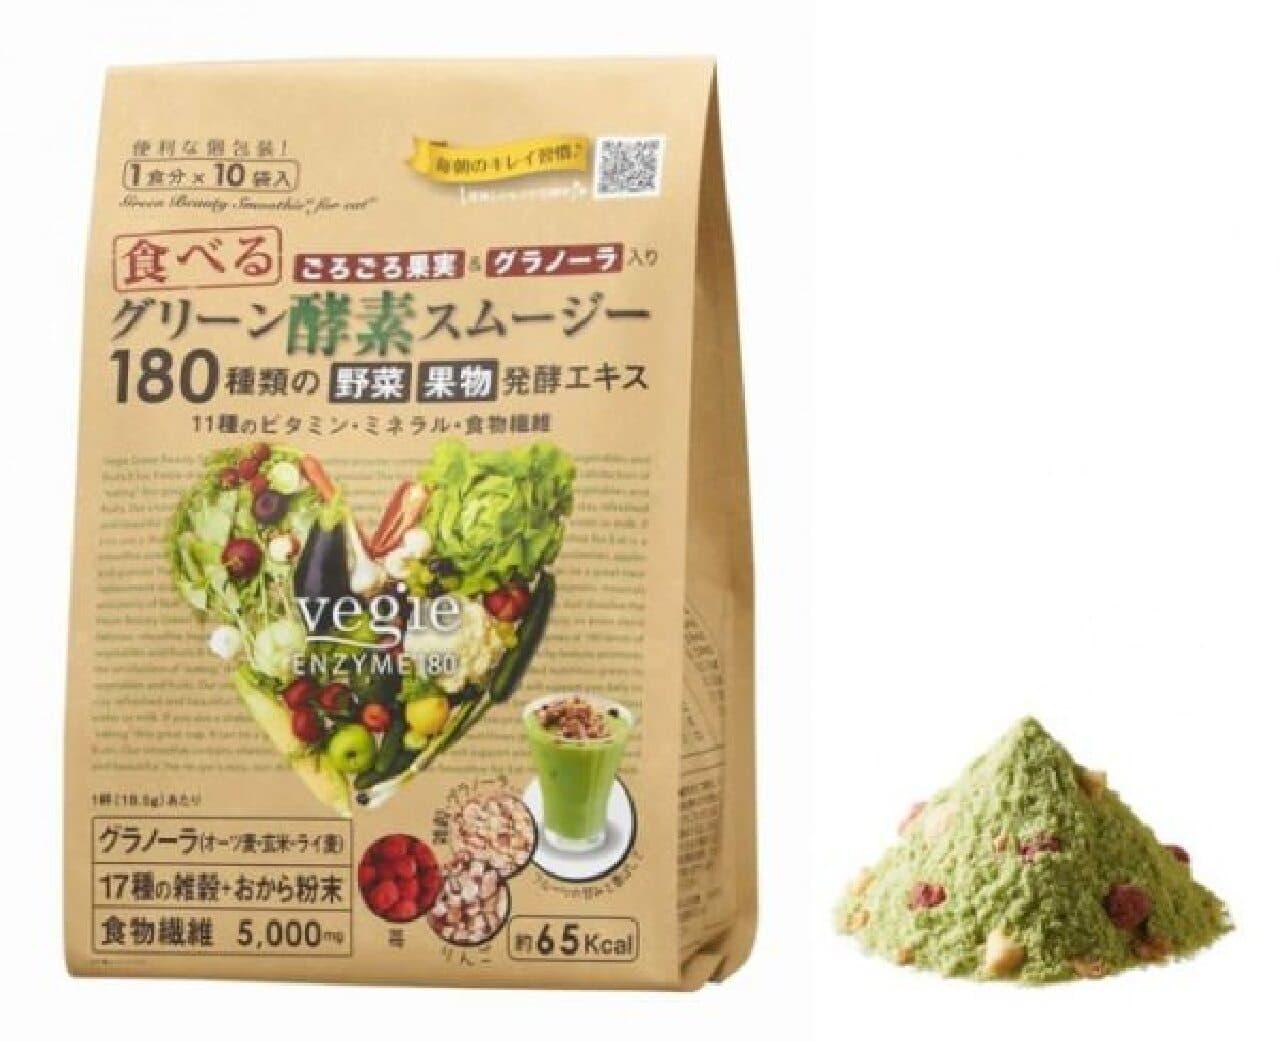 食べるグリーン酵素スムージー